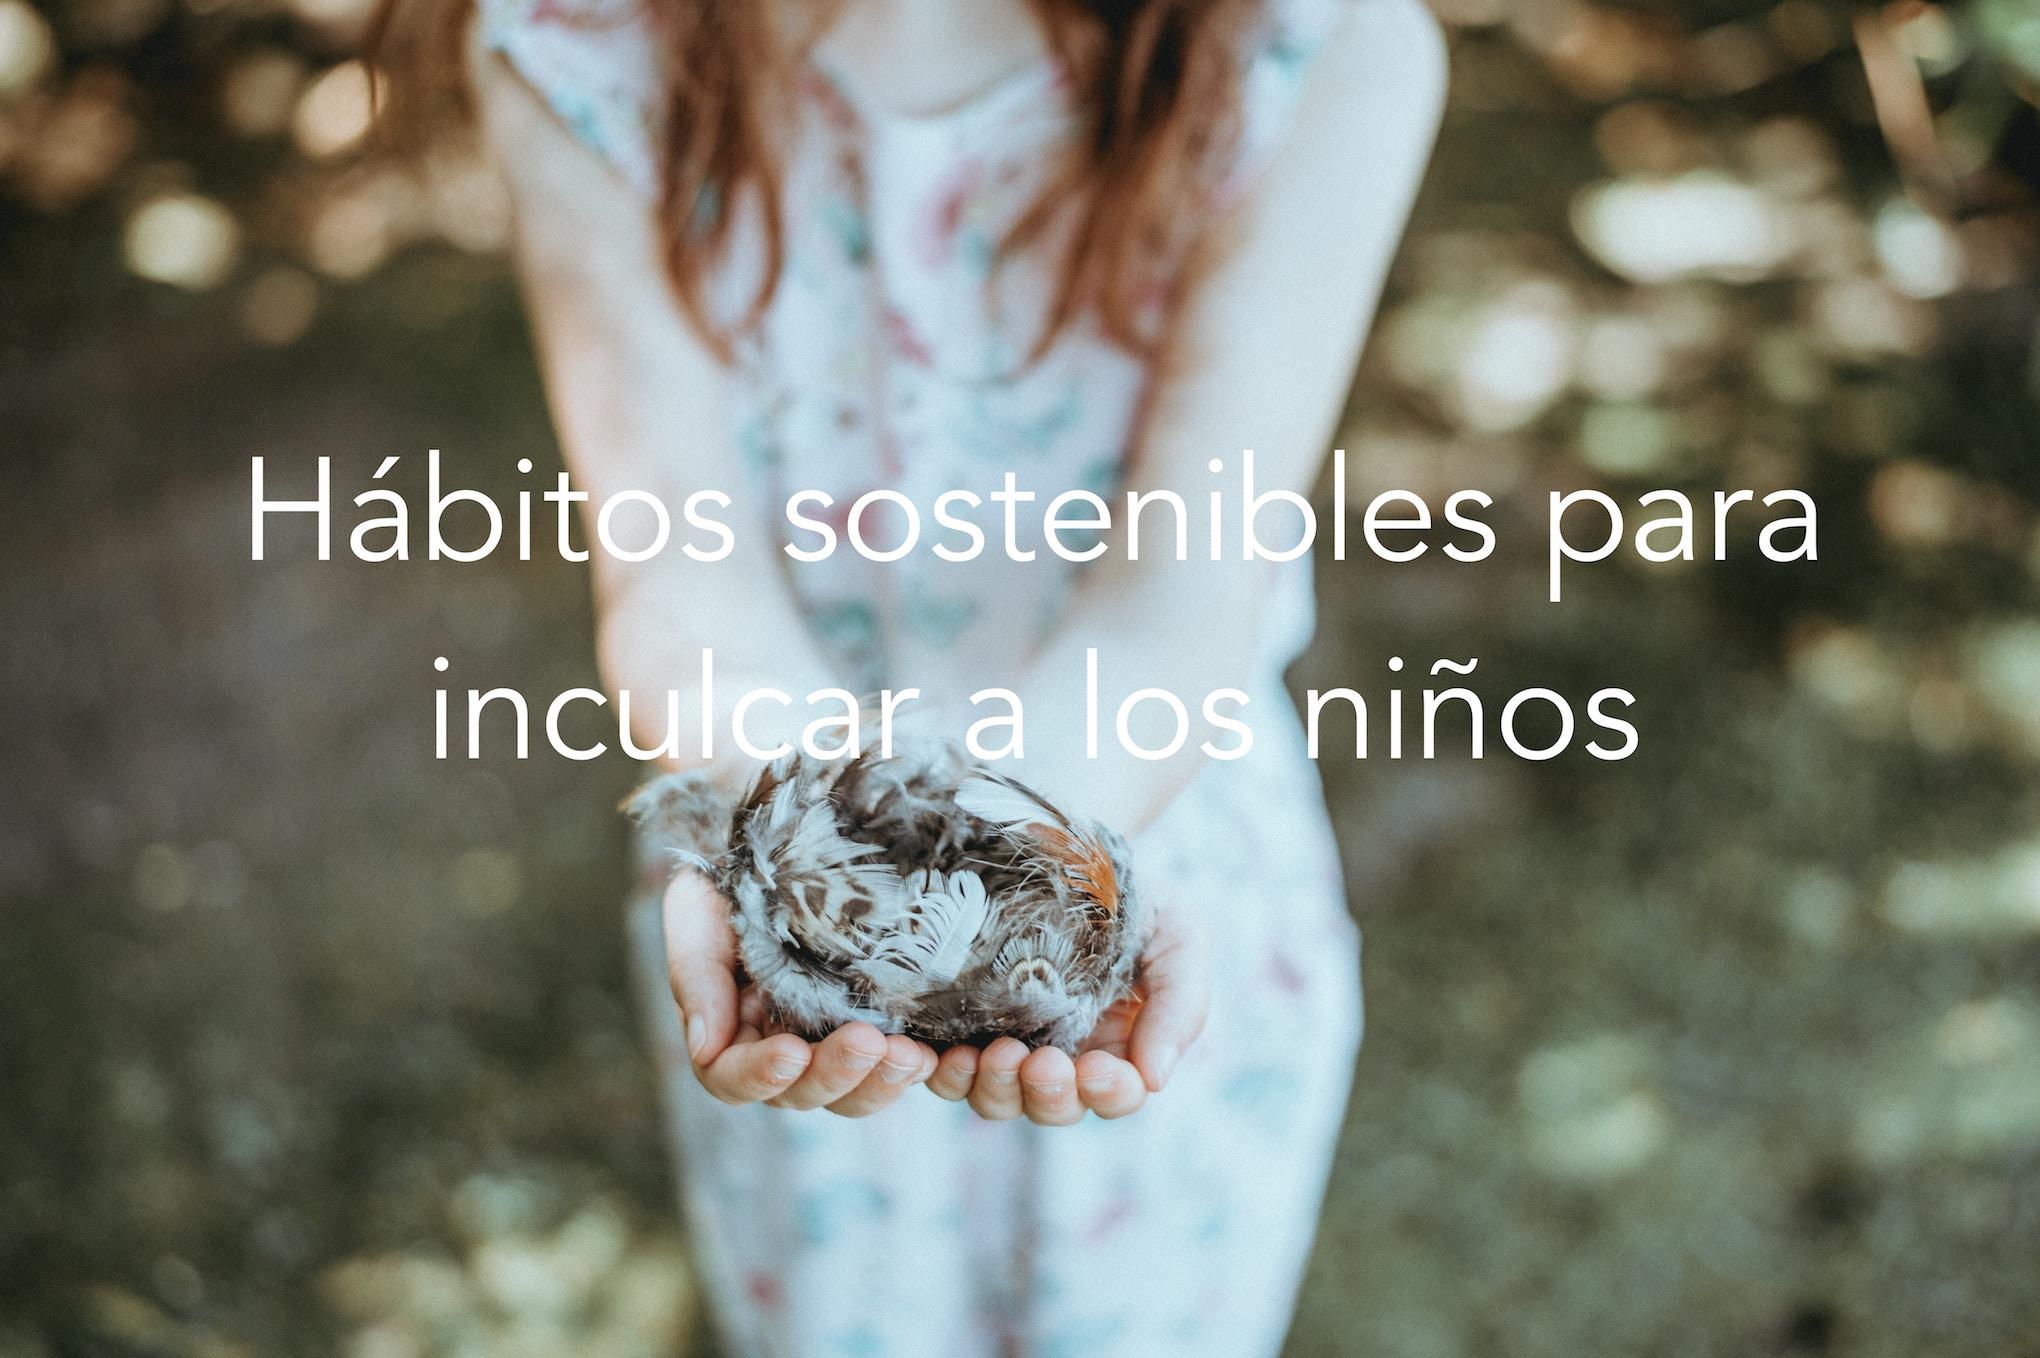 Hábitos sostenibles para inculcar a los niños